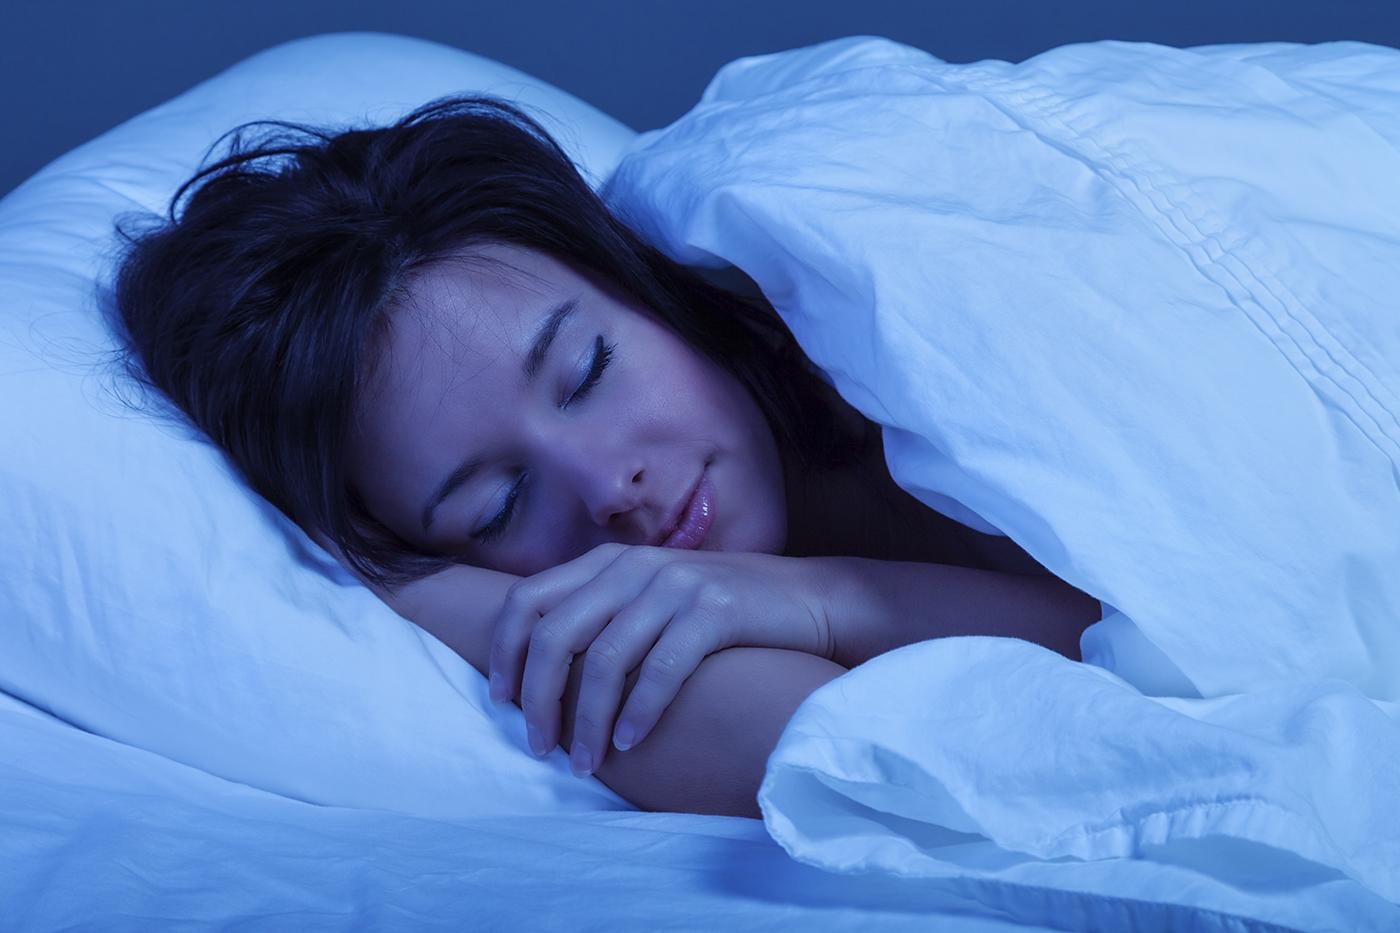 Со вторника на среду – сновидения могут сбываться.